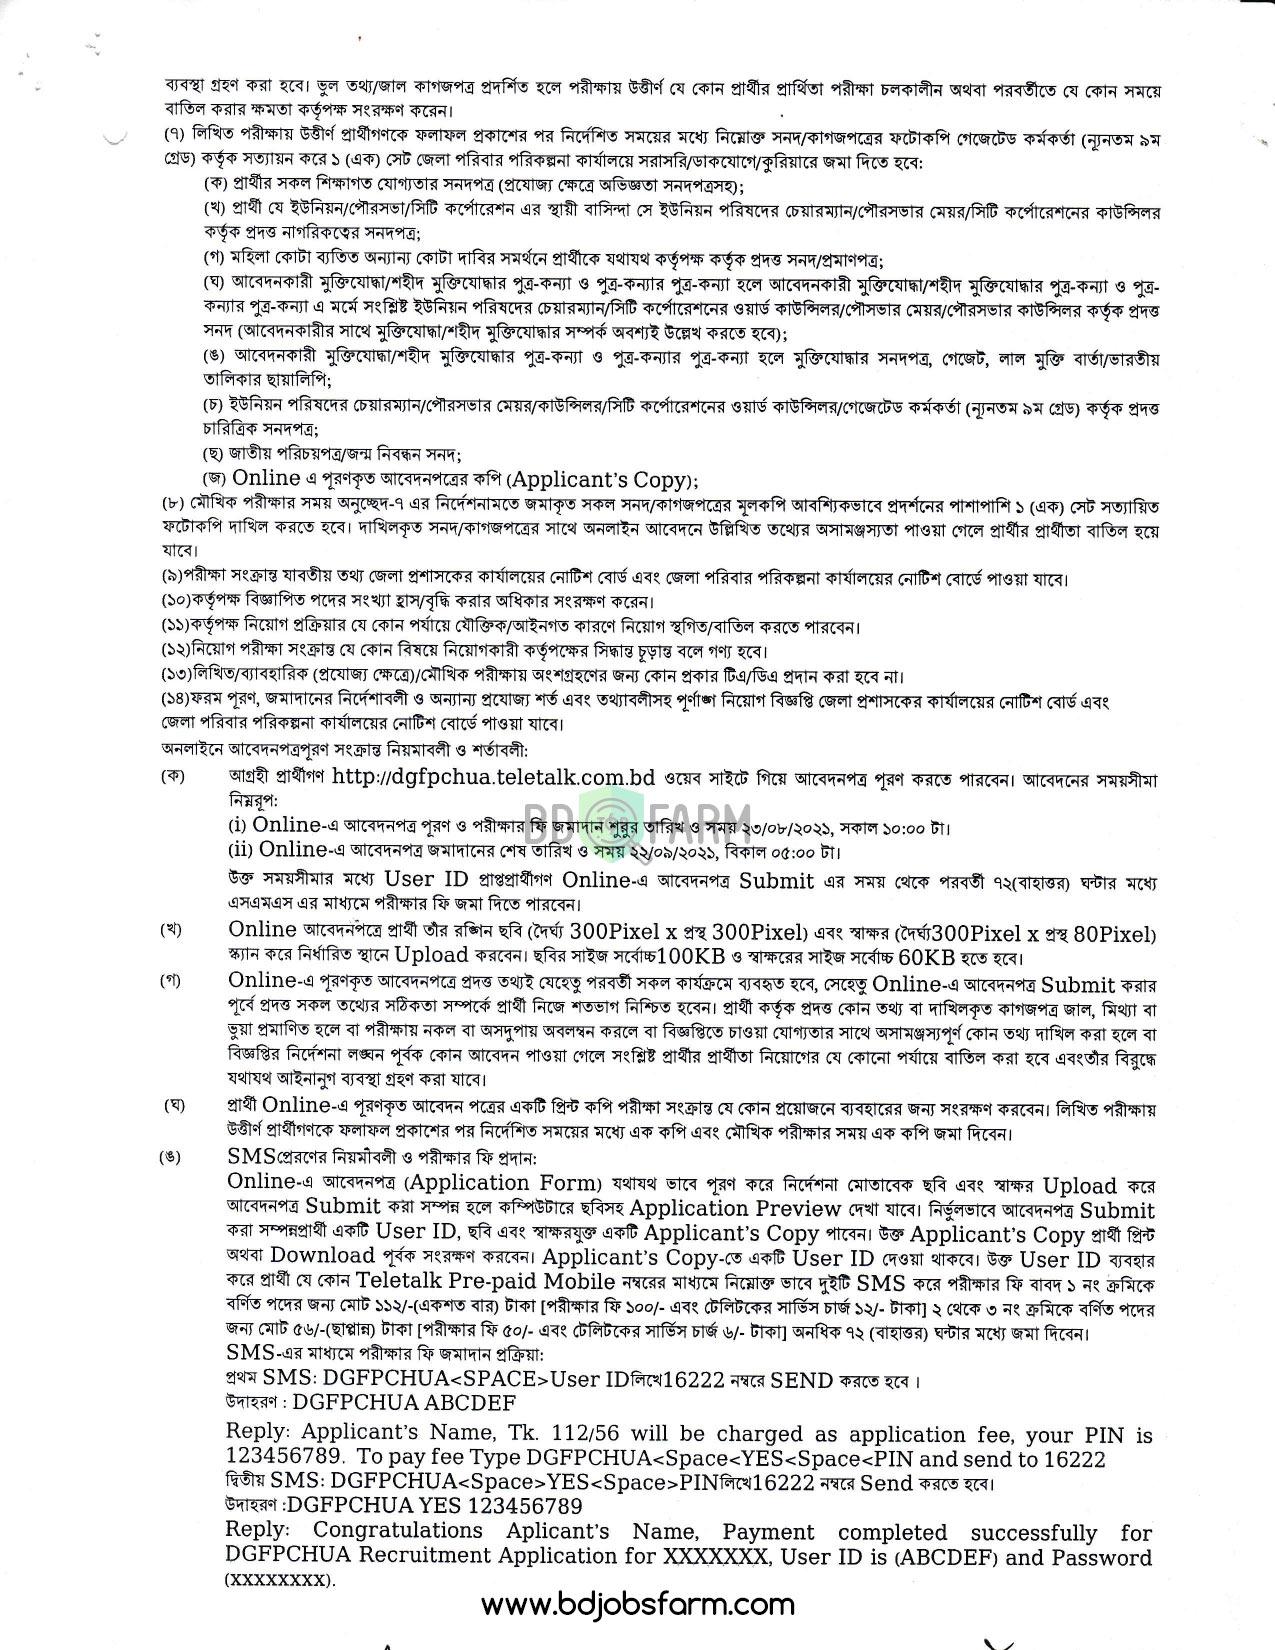 চুয়াডাঙ্গা জেলা পরিবার পরিকল্পনা কার্যালয়ে নিয়োগ